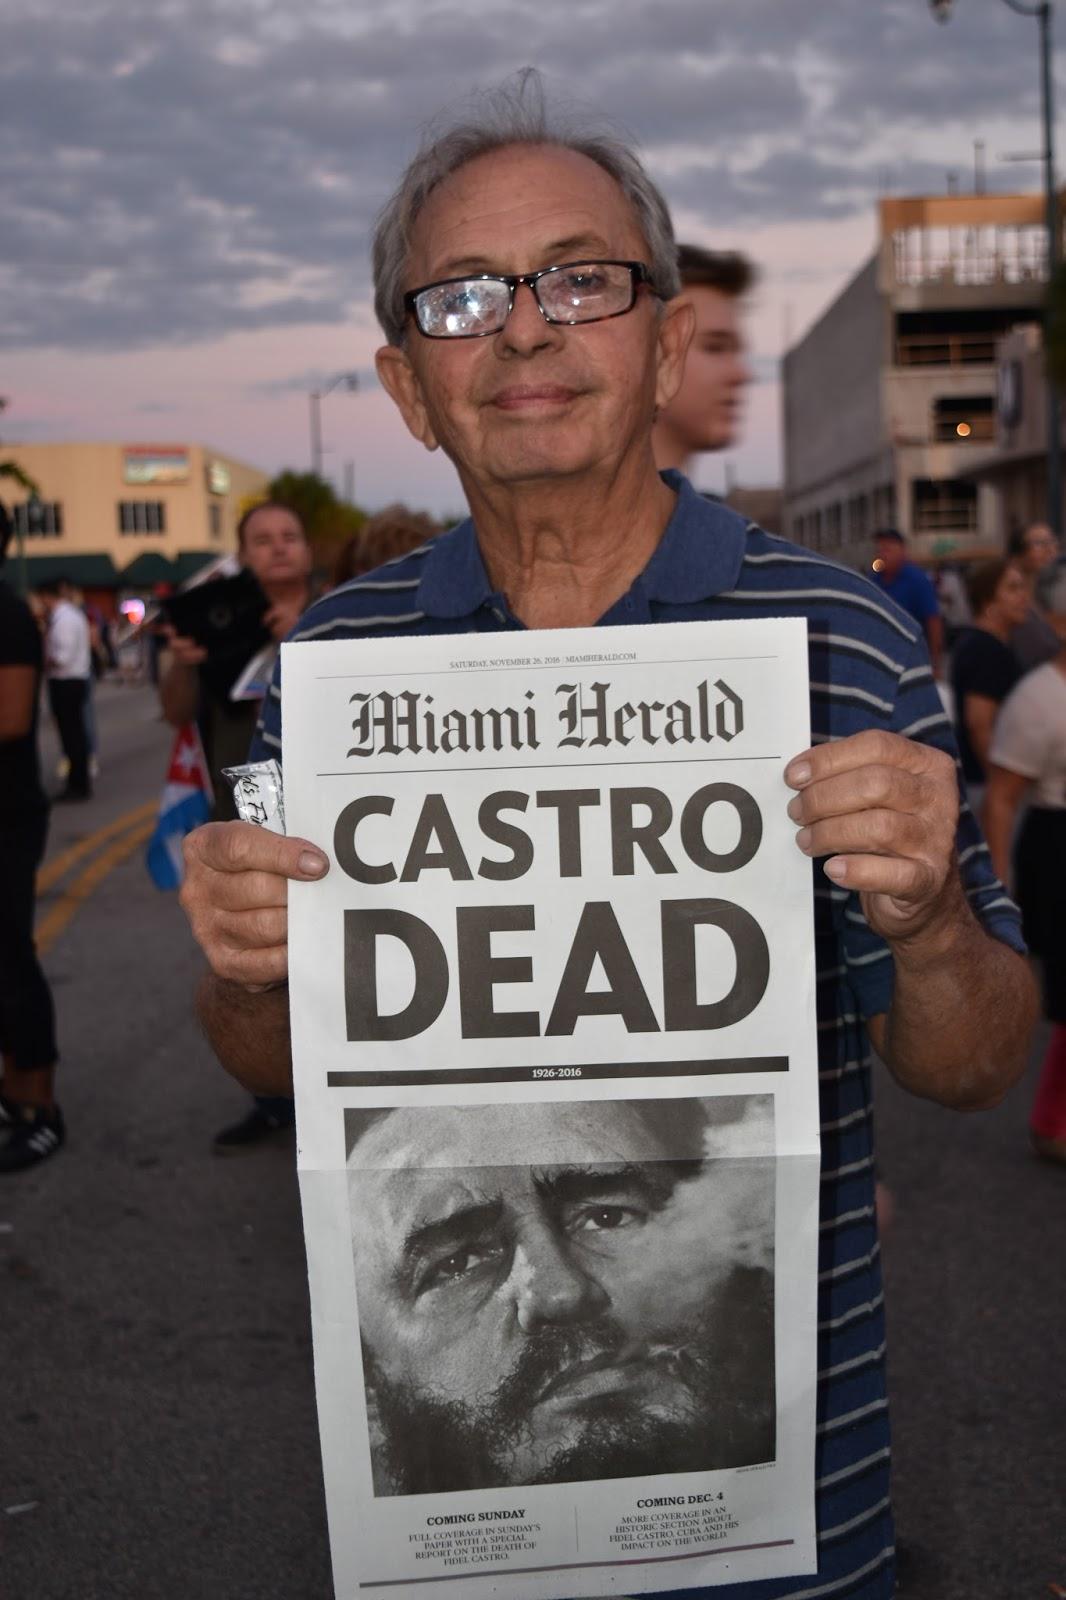 Miami Herald: Castro Dead